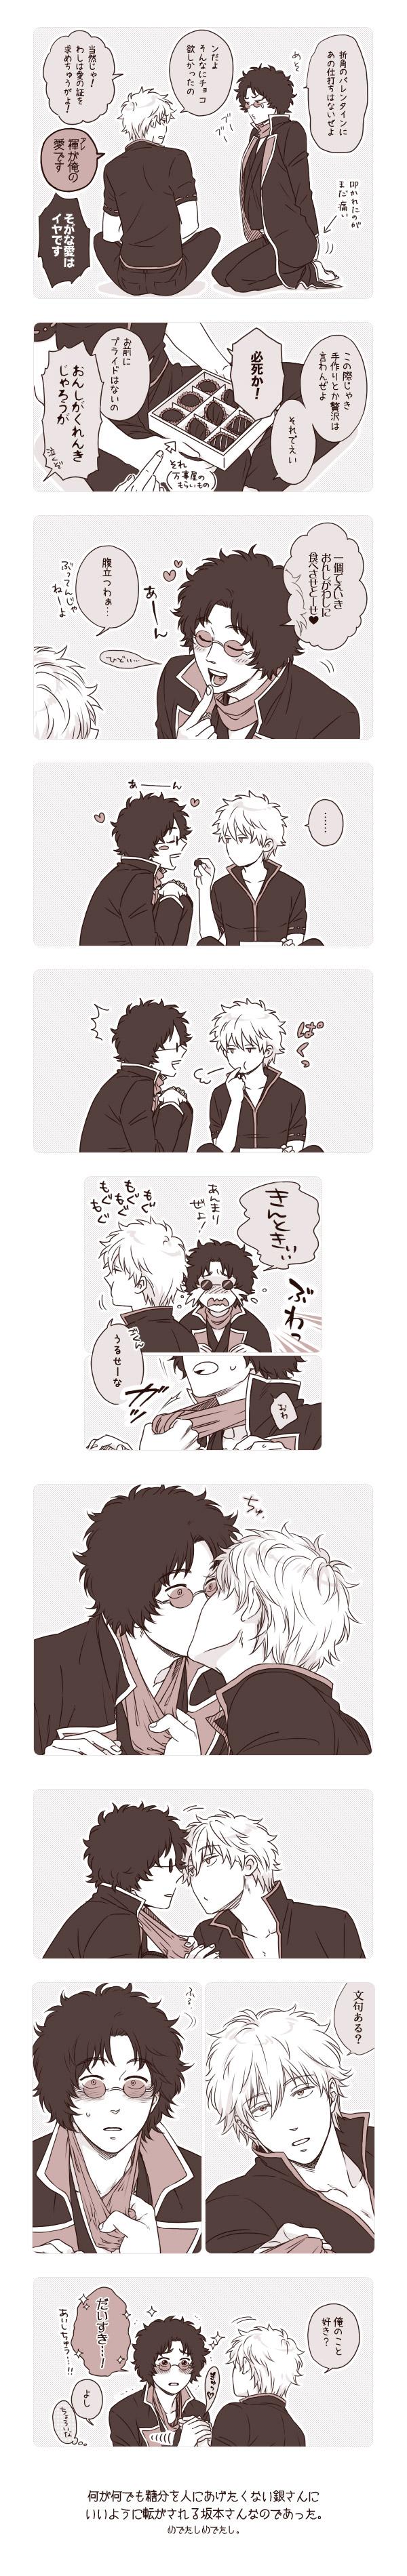 https://static.zerochan.net/Gintama.full.1384186.jpg